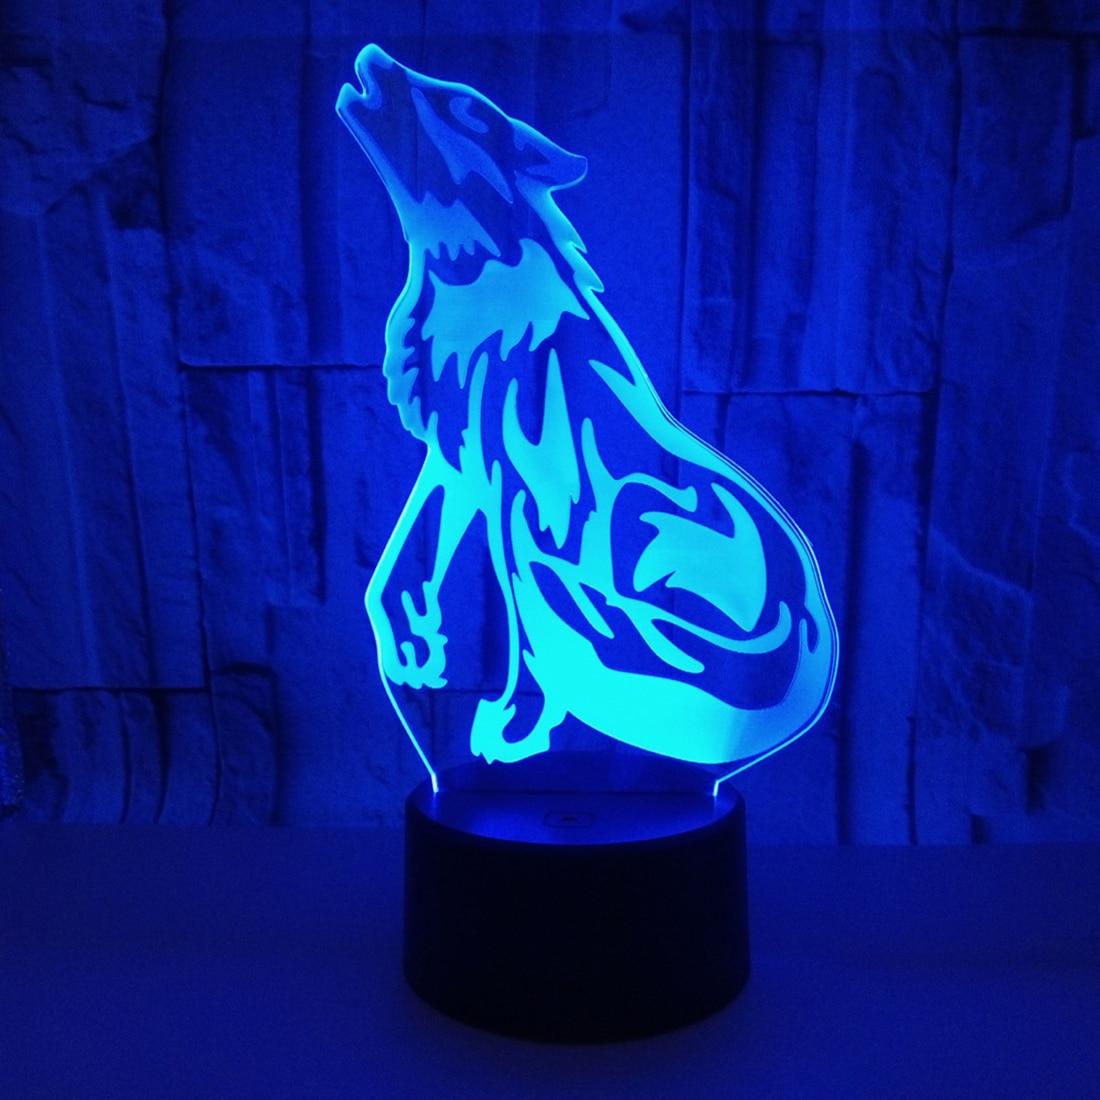 Акрил 3D Night Wolf Light лампа светодиодный USB Touch красочная настольная лампа ночники для домашнего декора творческие подарки H